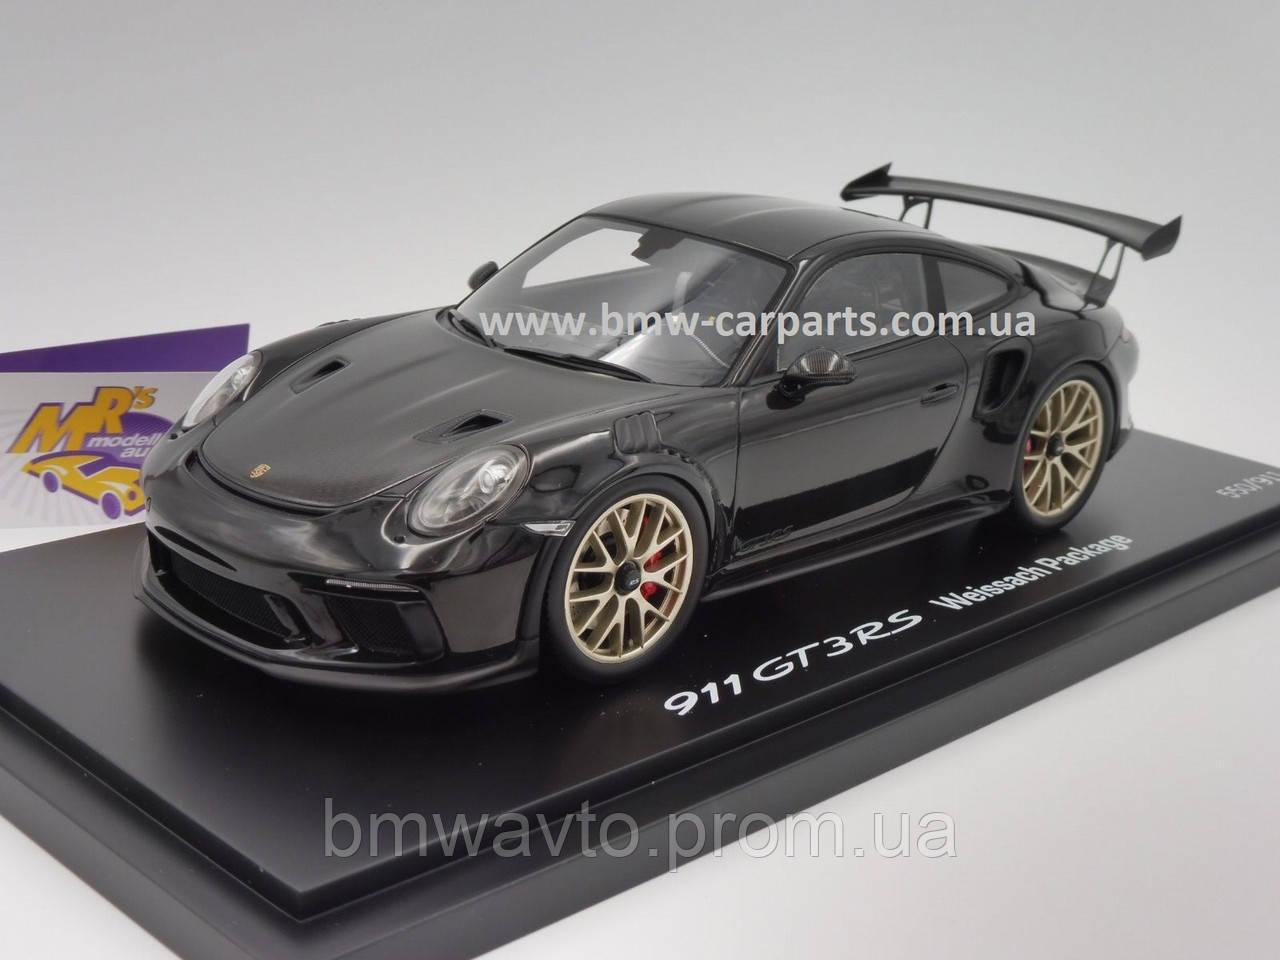 Модель автомобіля Porsche 911 GT3 RS (991 II) Weissach Package, Scale 1:18